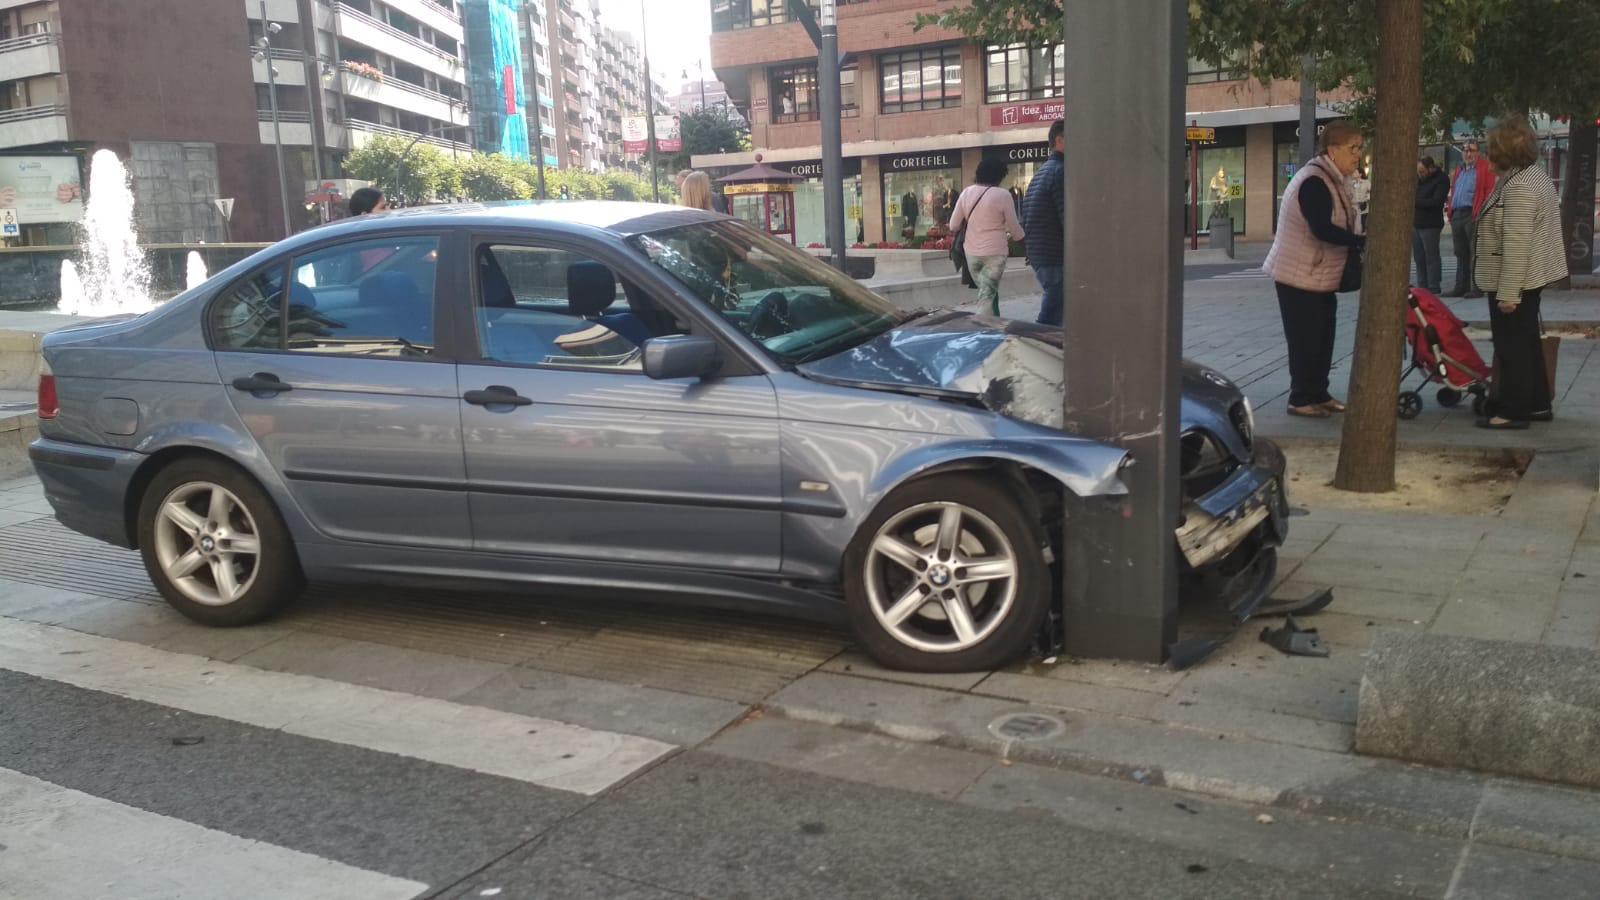 Espectacular choque de un vehículo contra una farola en la Gran Vía